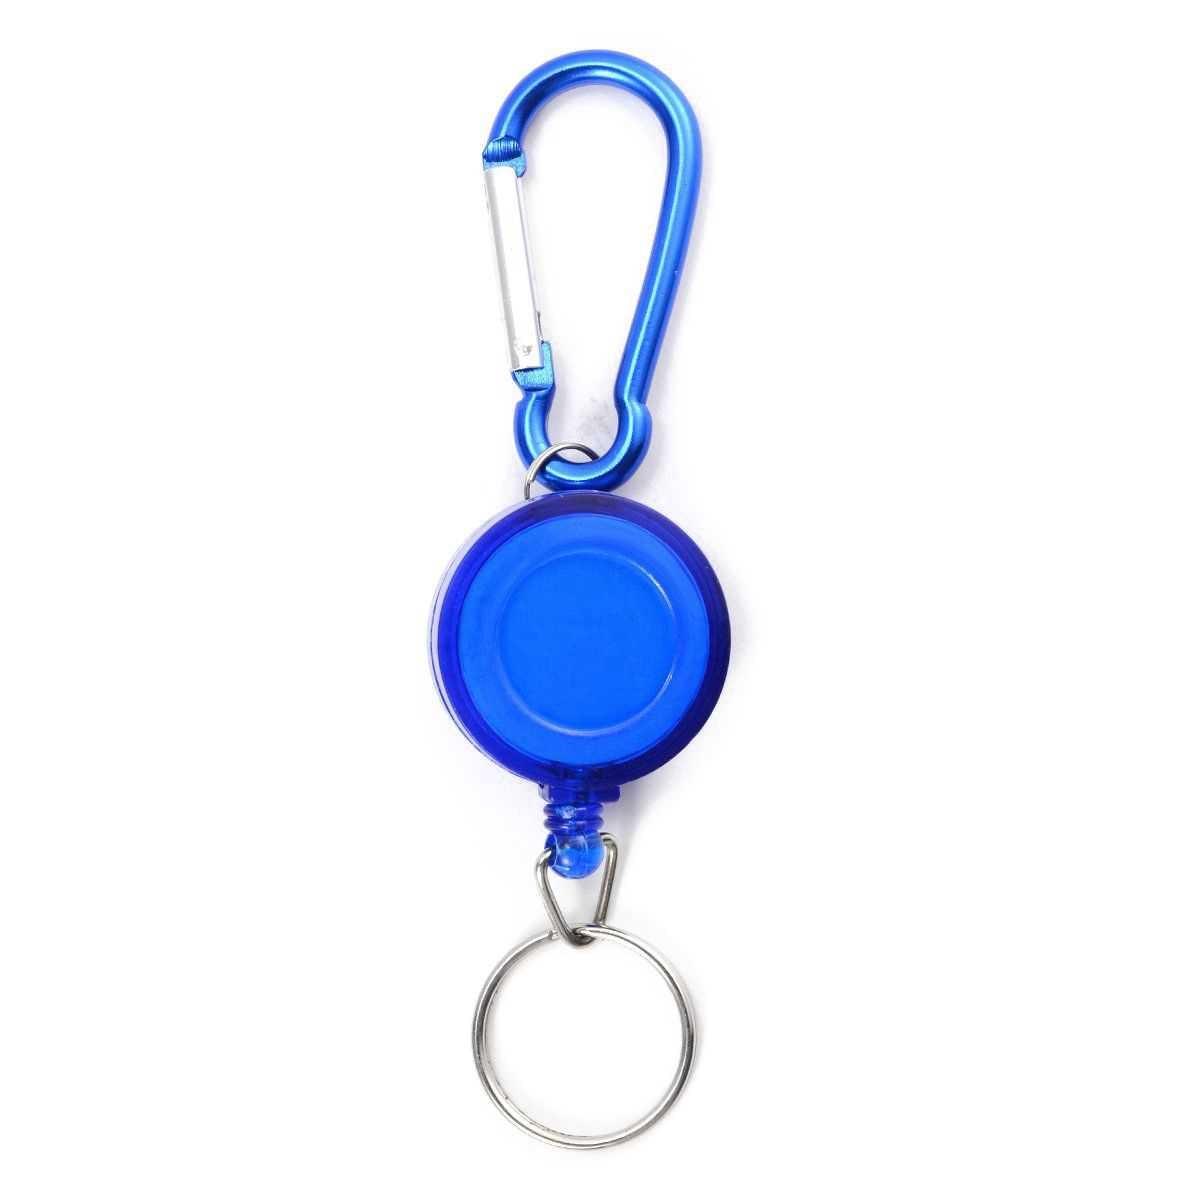 Lot 2 Badge Holder Winder Holder Keychain Retractable Carabiner Belt Clip ID Card Card Holder